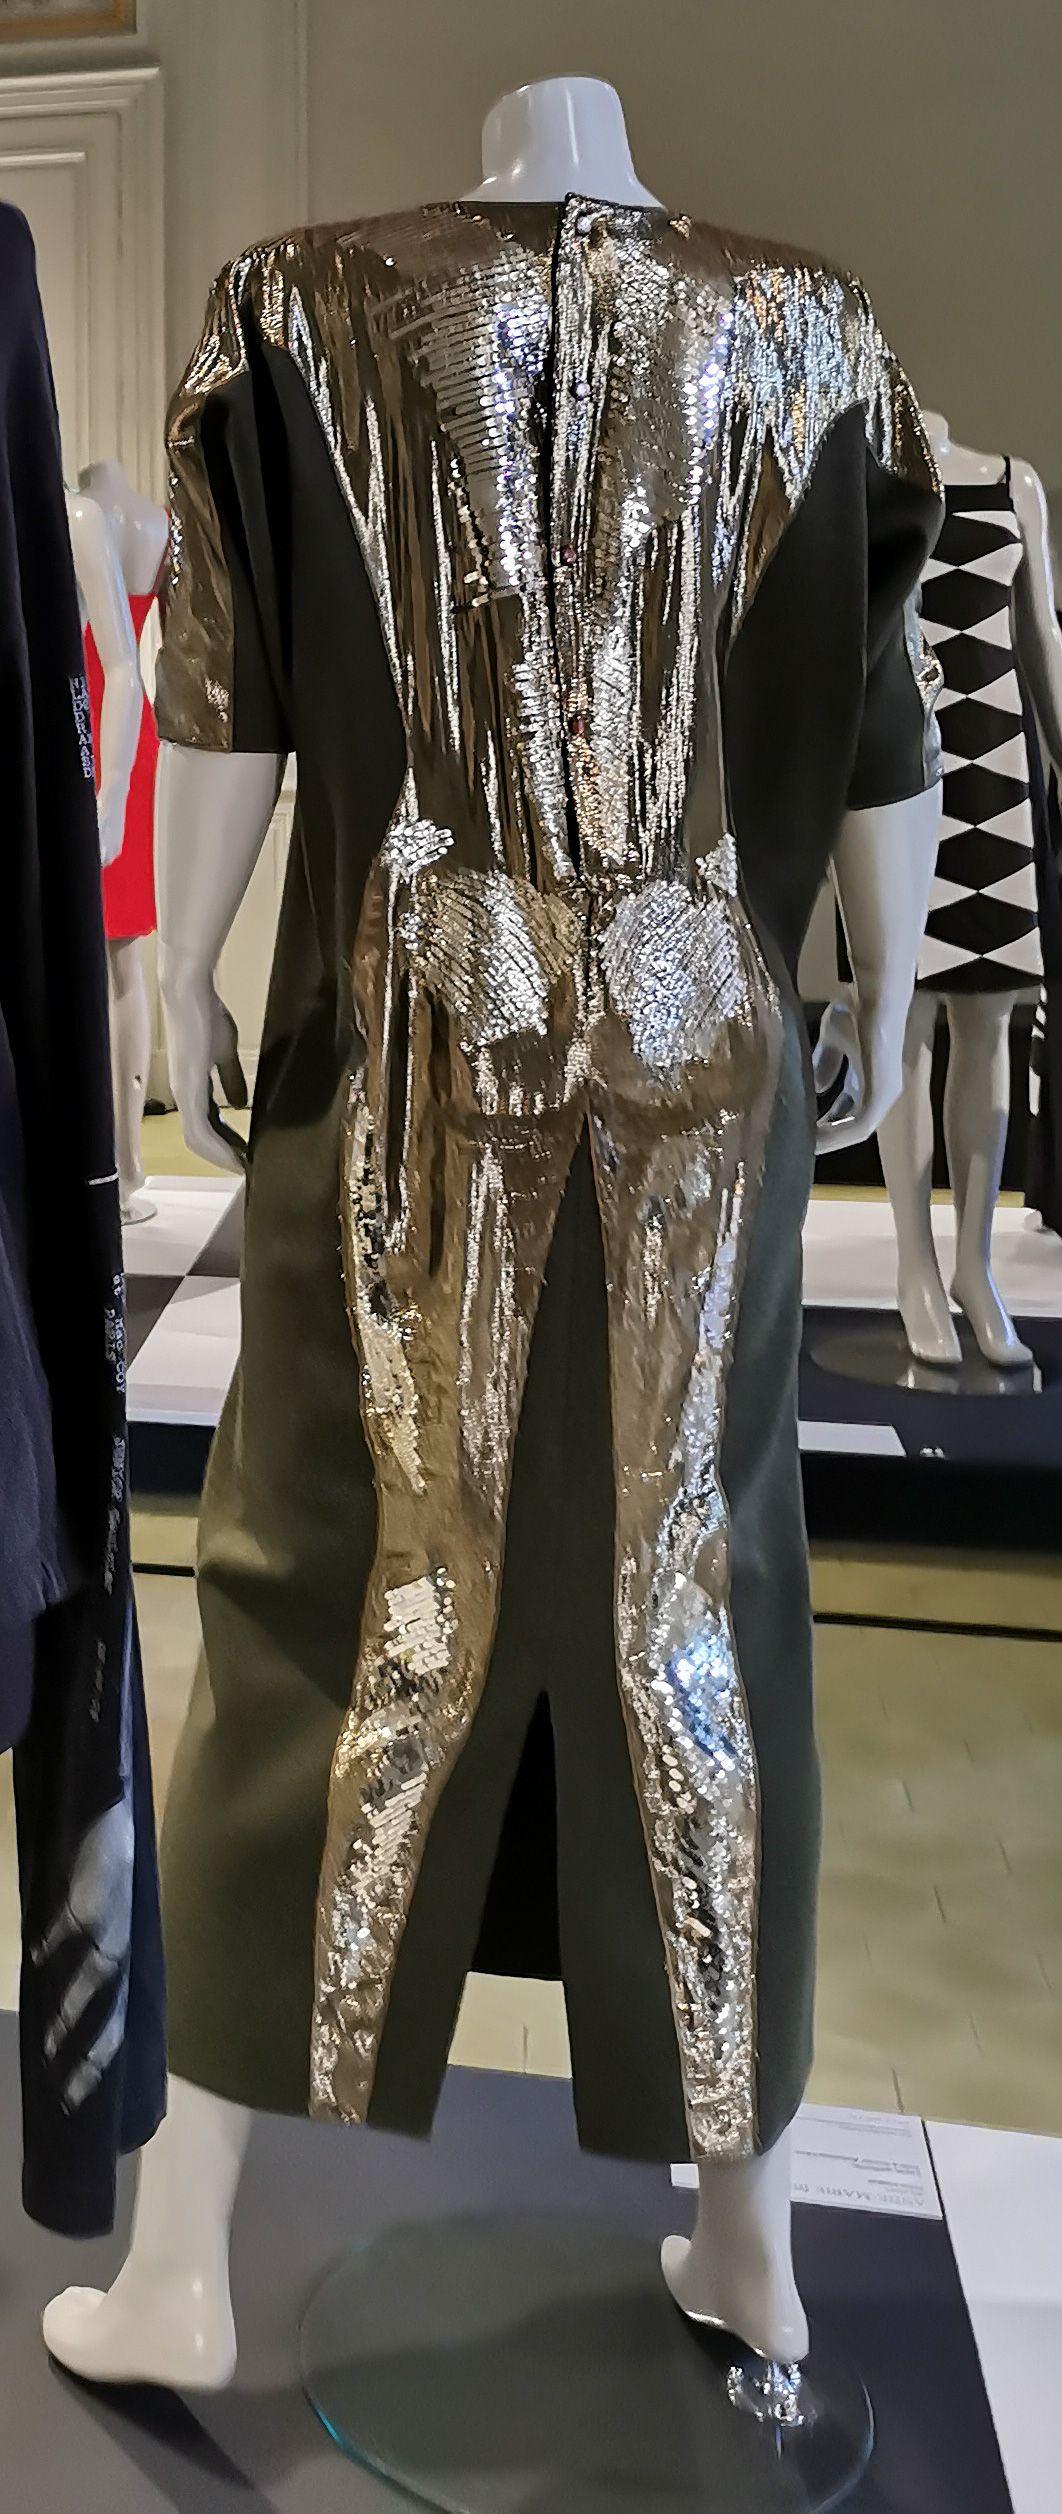 Anne-Marie Beretta - Robe longue « Astre », 1984-1985 - L'héritage surréaliste dans la mode au Château Borély - Grand Salon